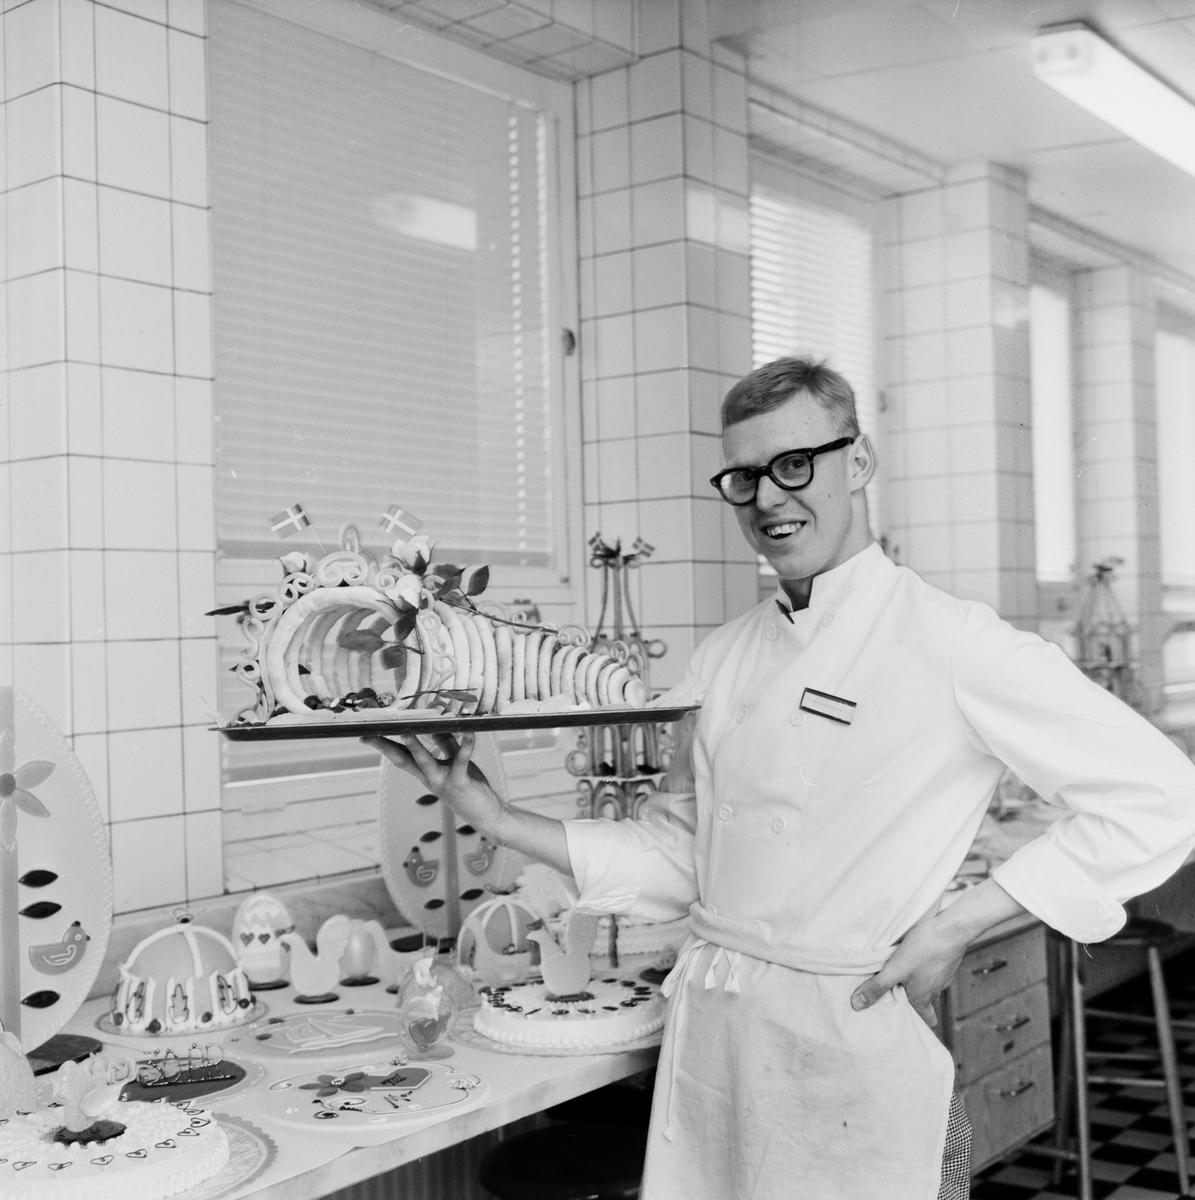 Gesällprov på Konditorfackskolan, Västertorg, Uppsala, april 1962